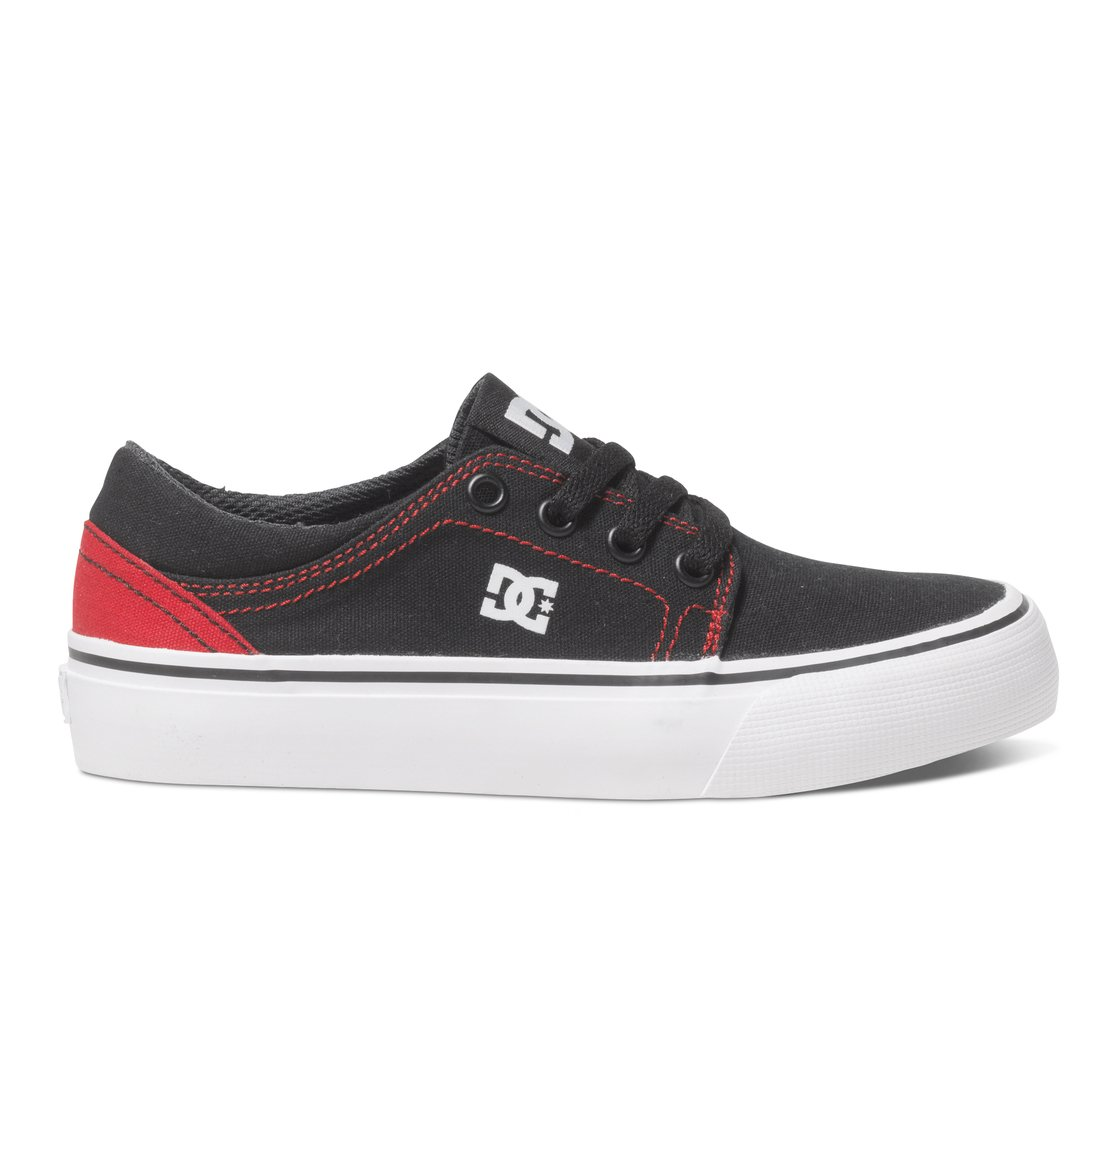 dc683924899de 0 Trase TX - Chaussures basses Noir ADBS300084 DC Shoes